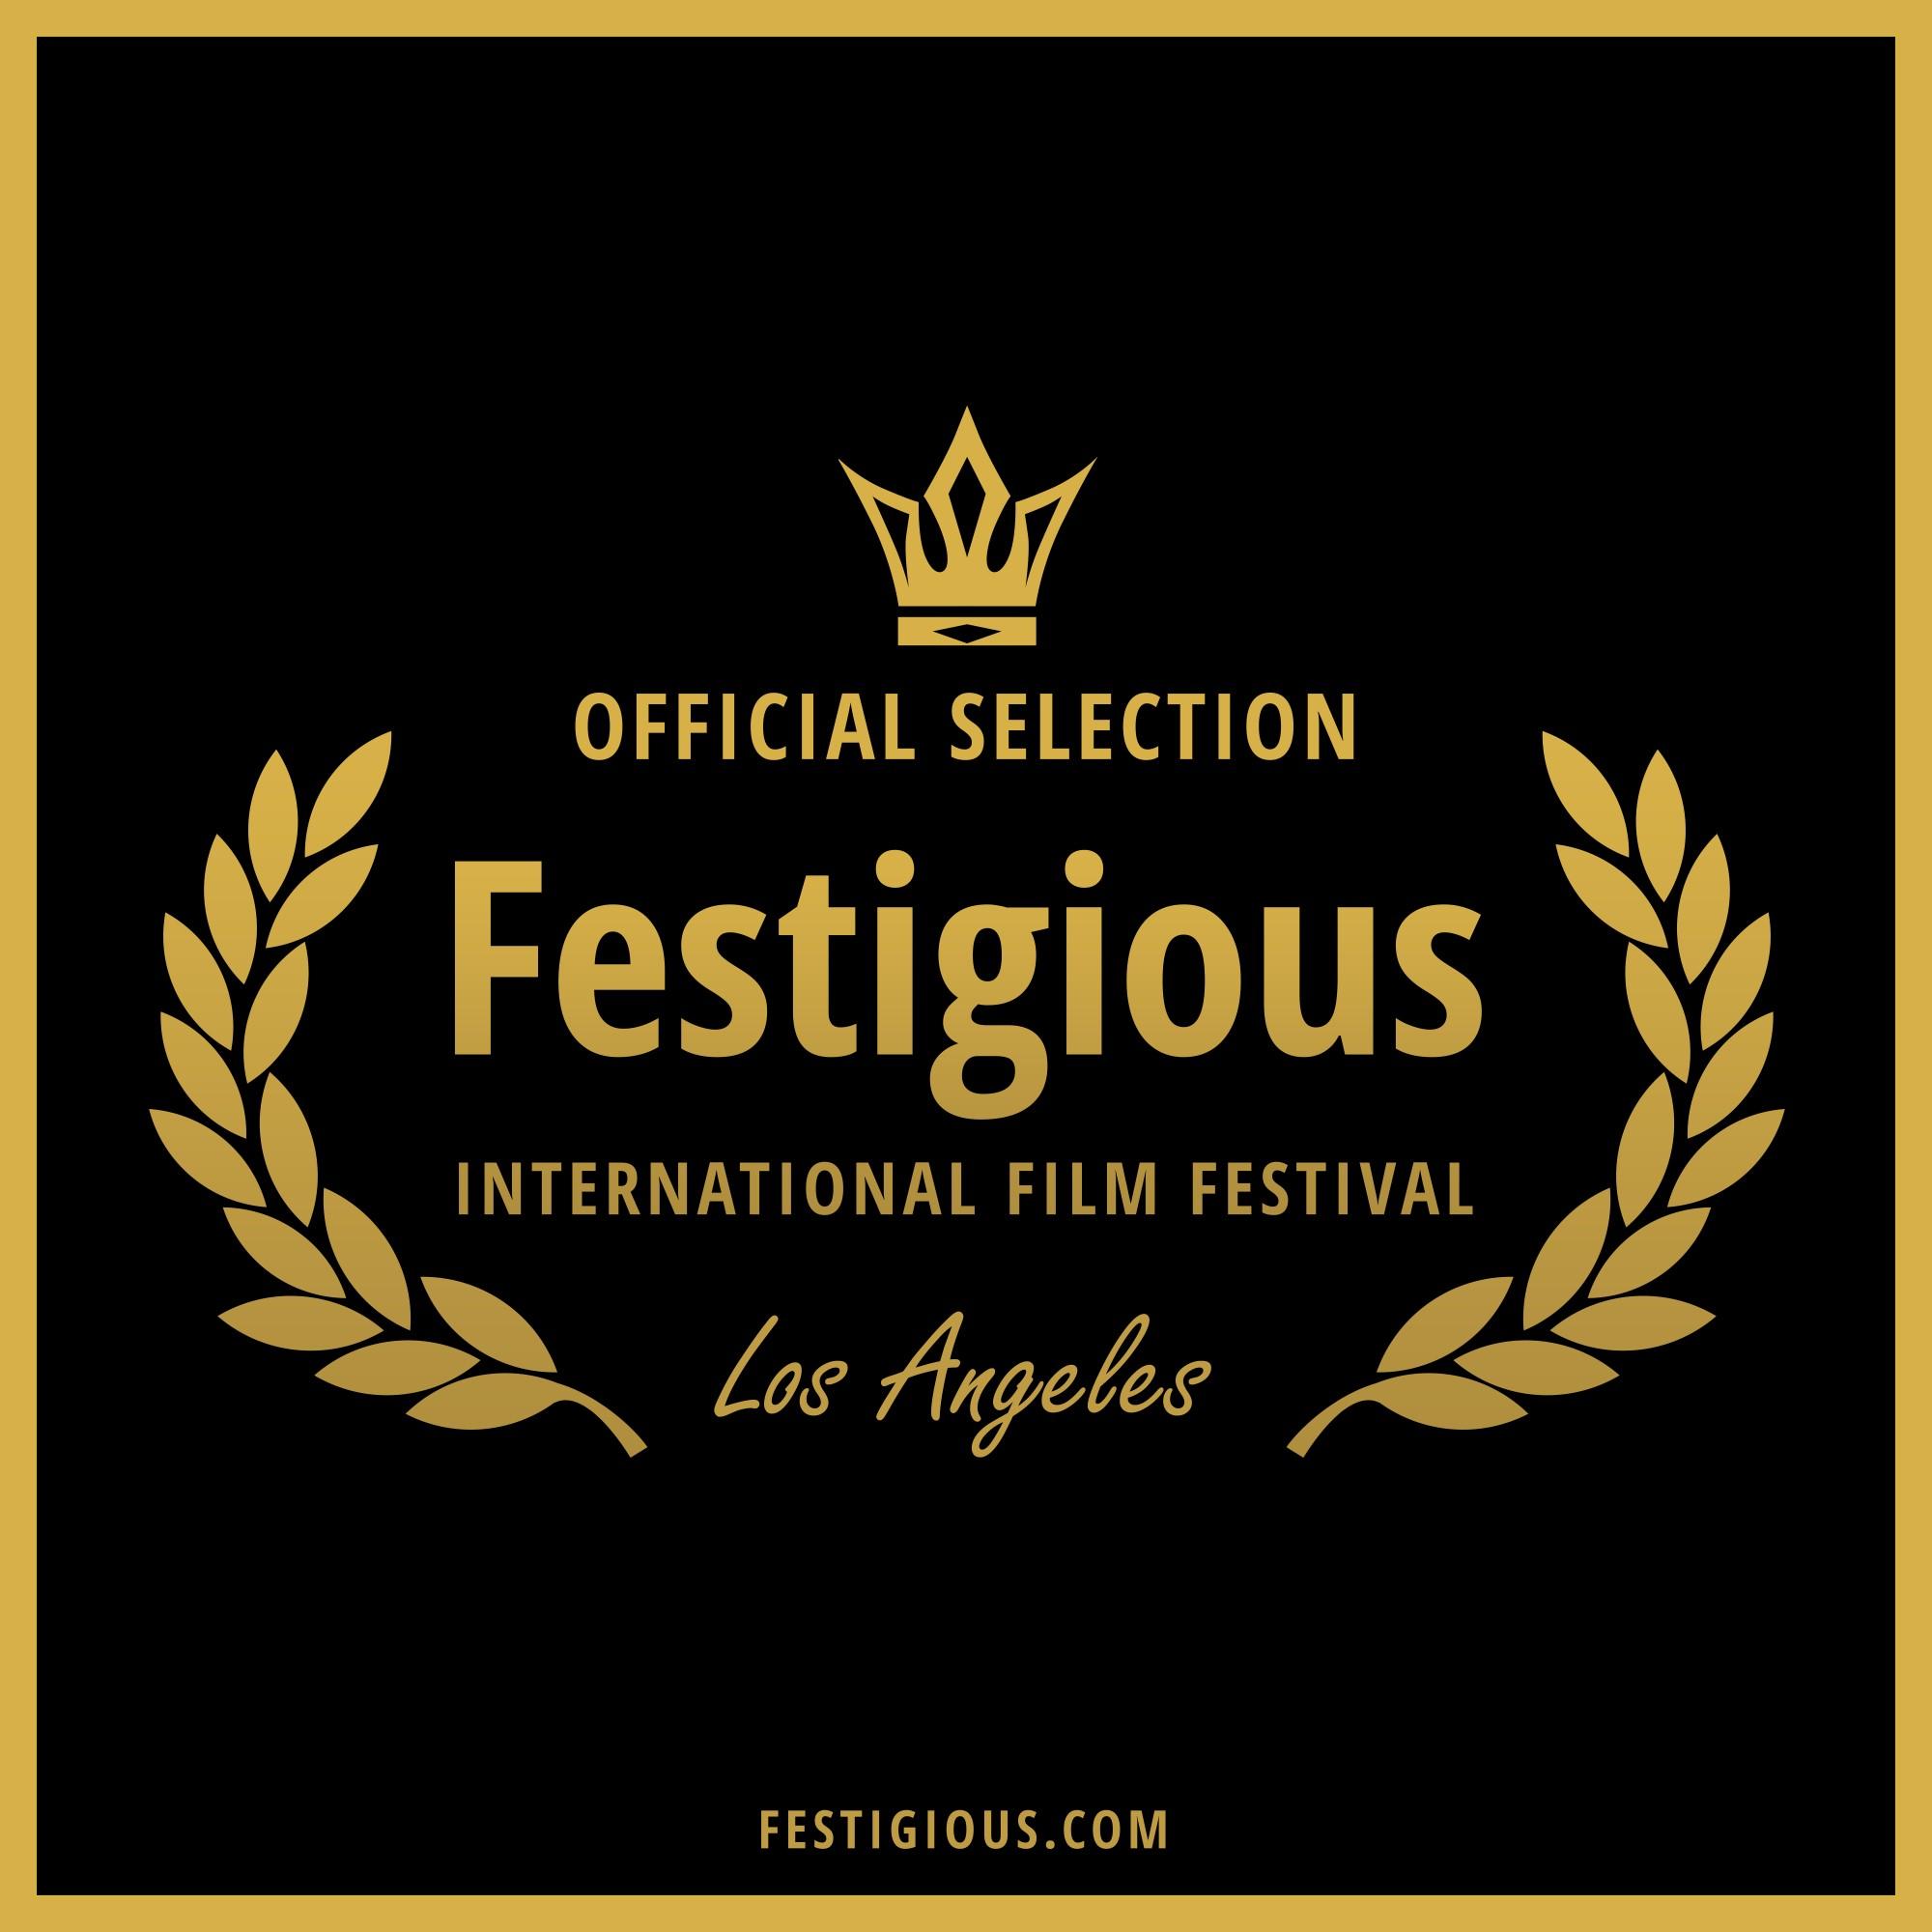 Festigious_Official_Selection_Gold_2_(Custom).jpg